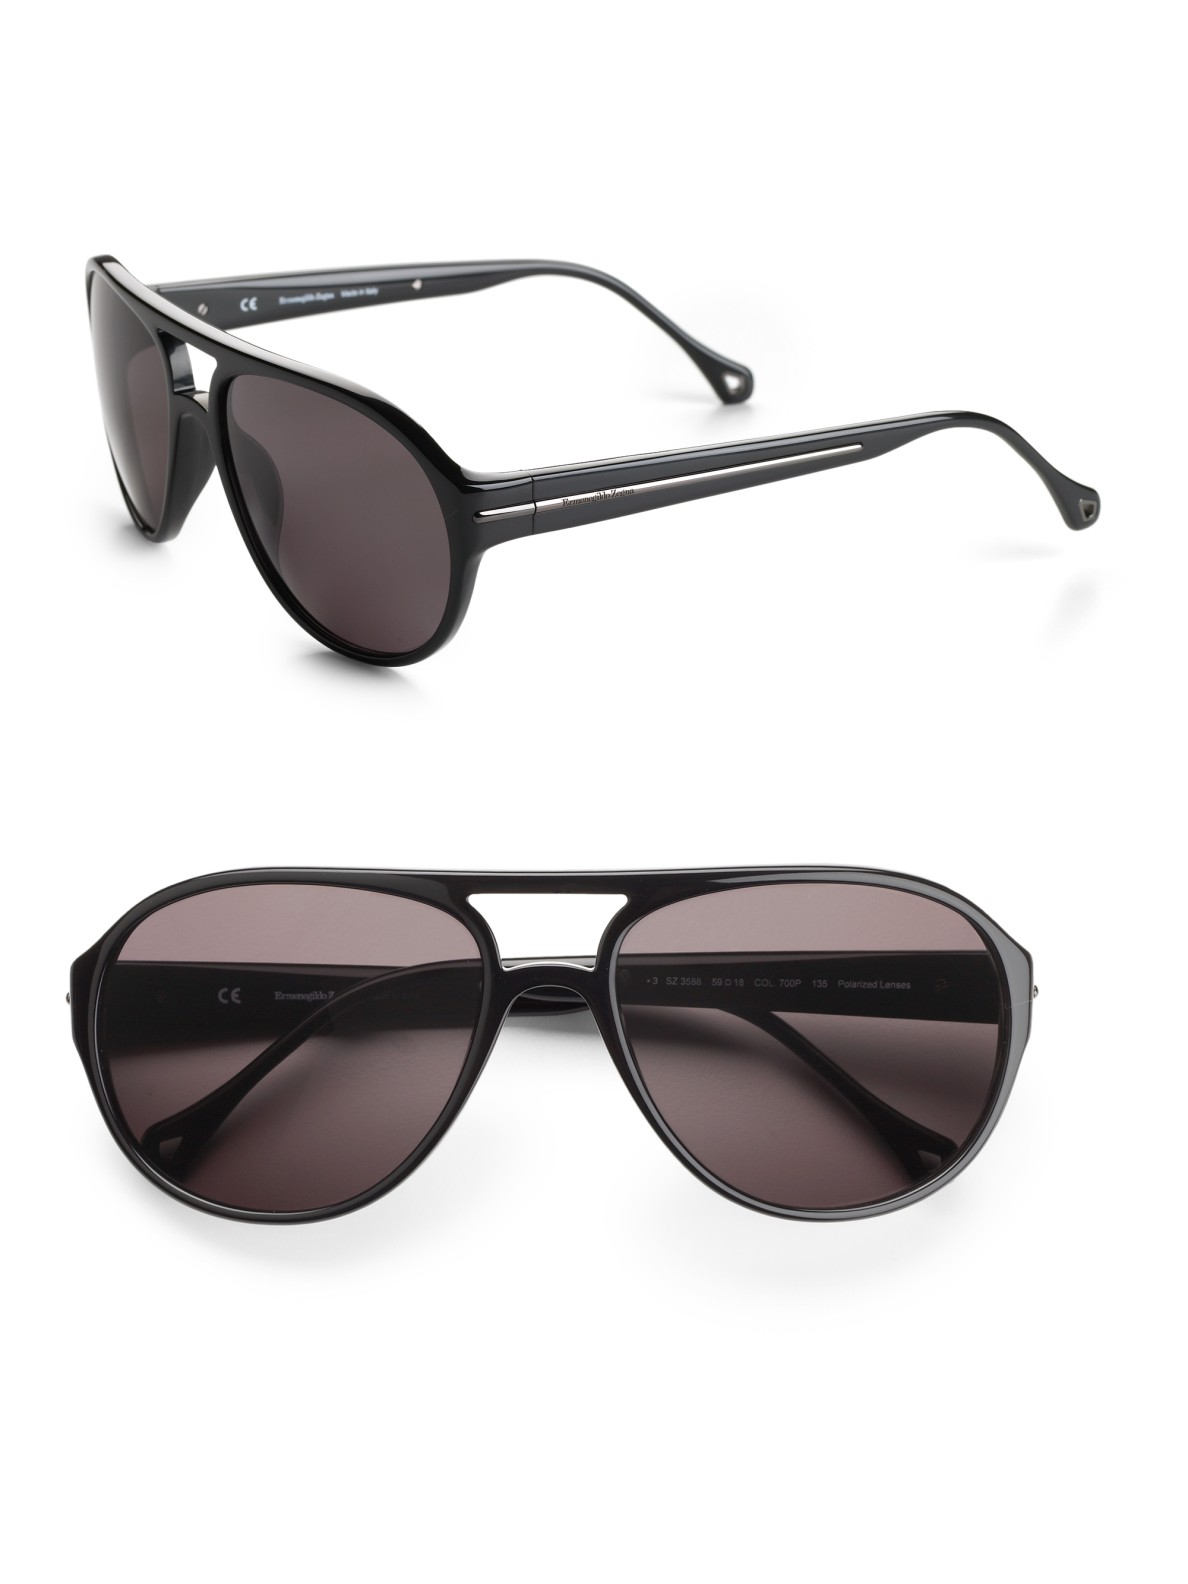 e762536cfa Ermenegildo Zegna Resin Aviator Sunglasses in Black for Men